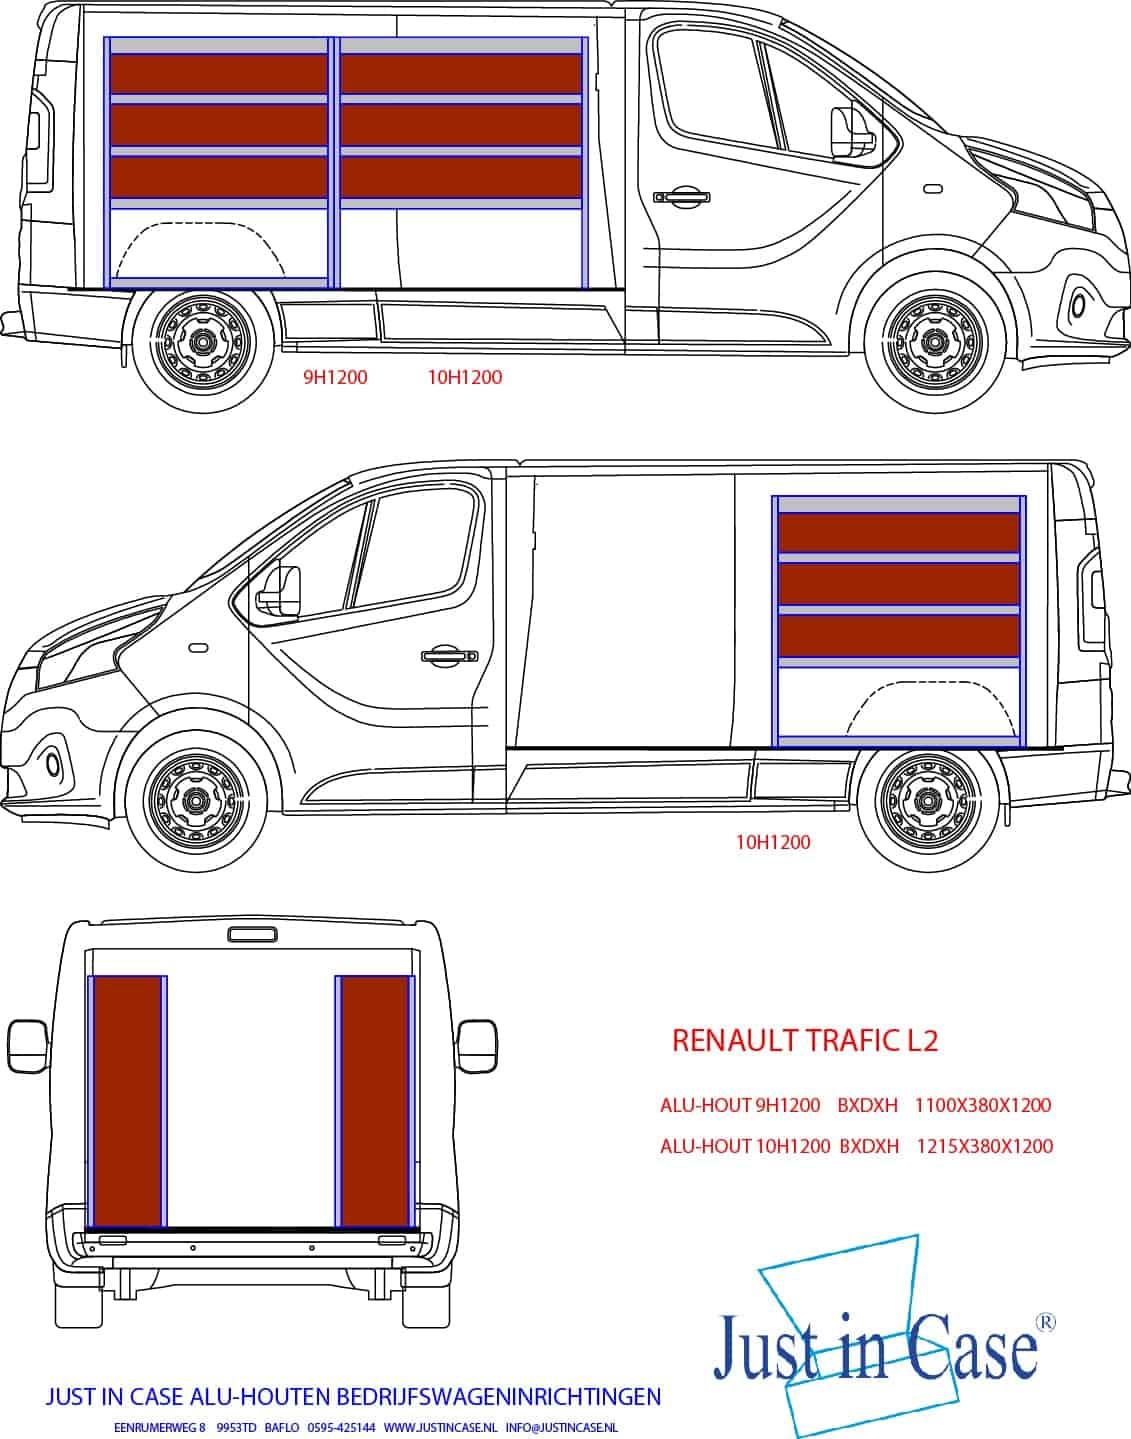 Renault Trafic (L2) schets bedrijfswageninrichting